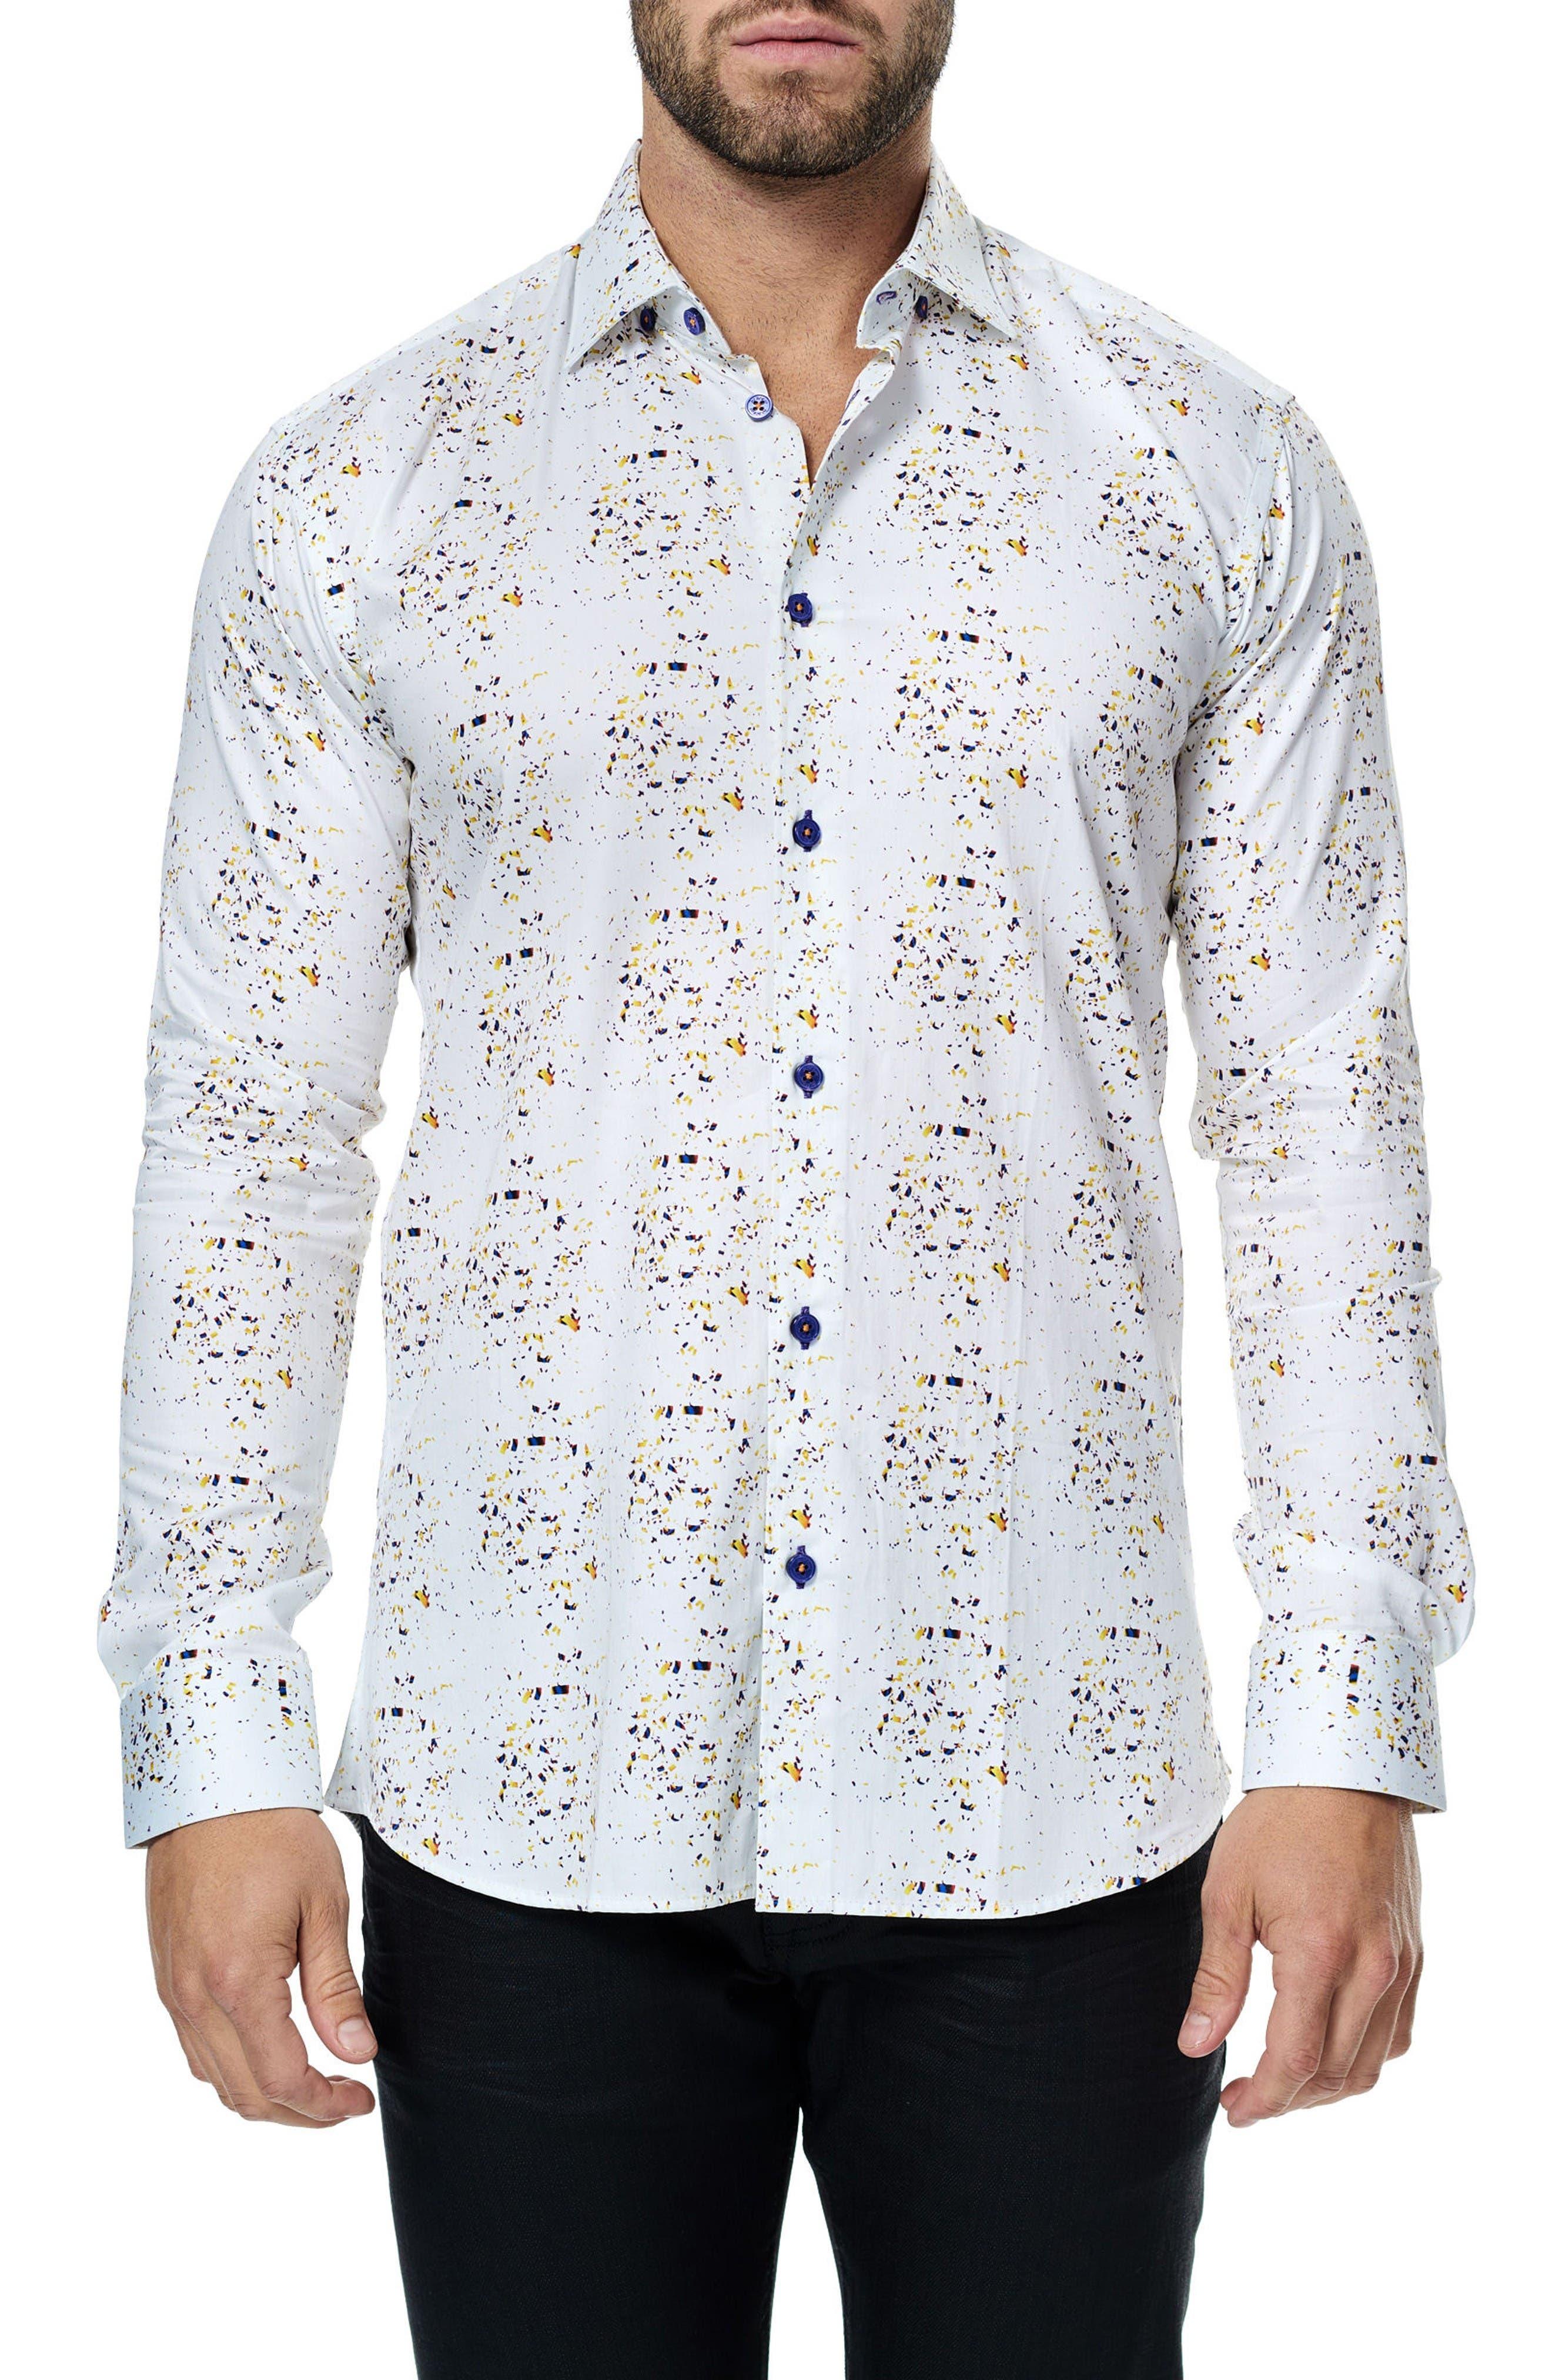 Maceoo Luxor Splatter Print Sport Shirt